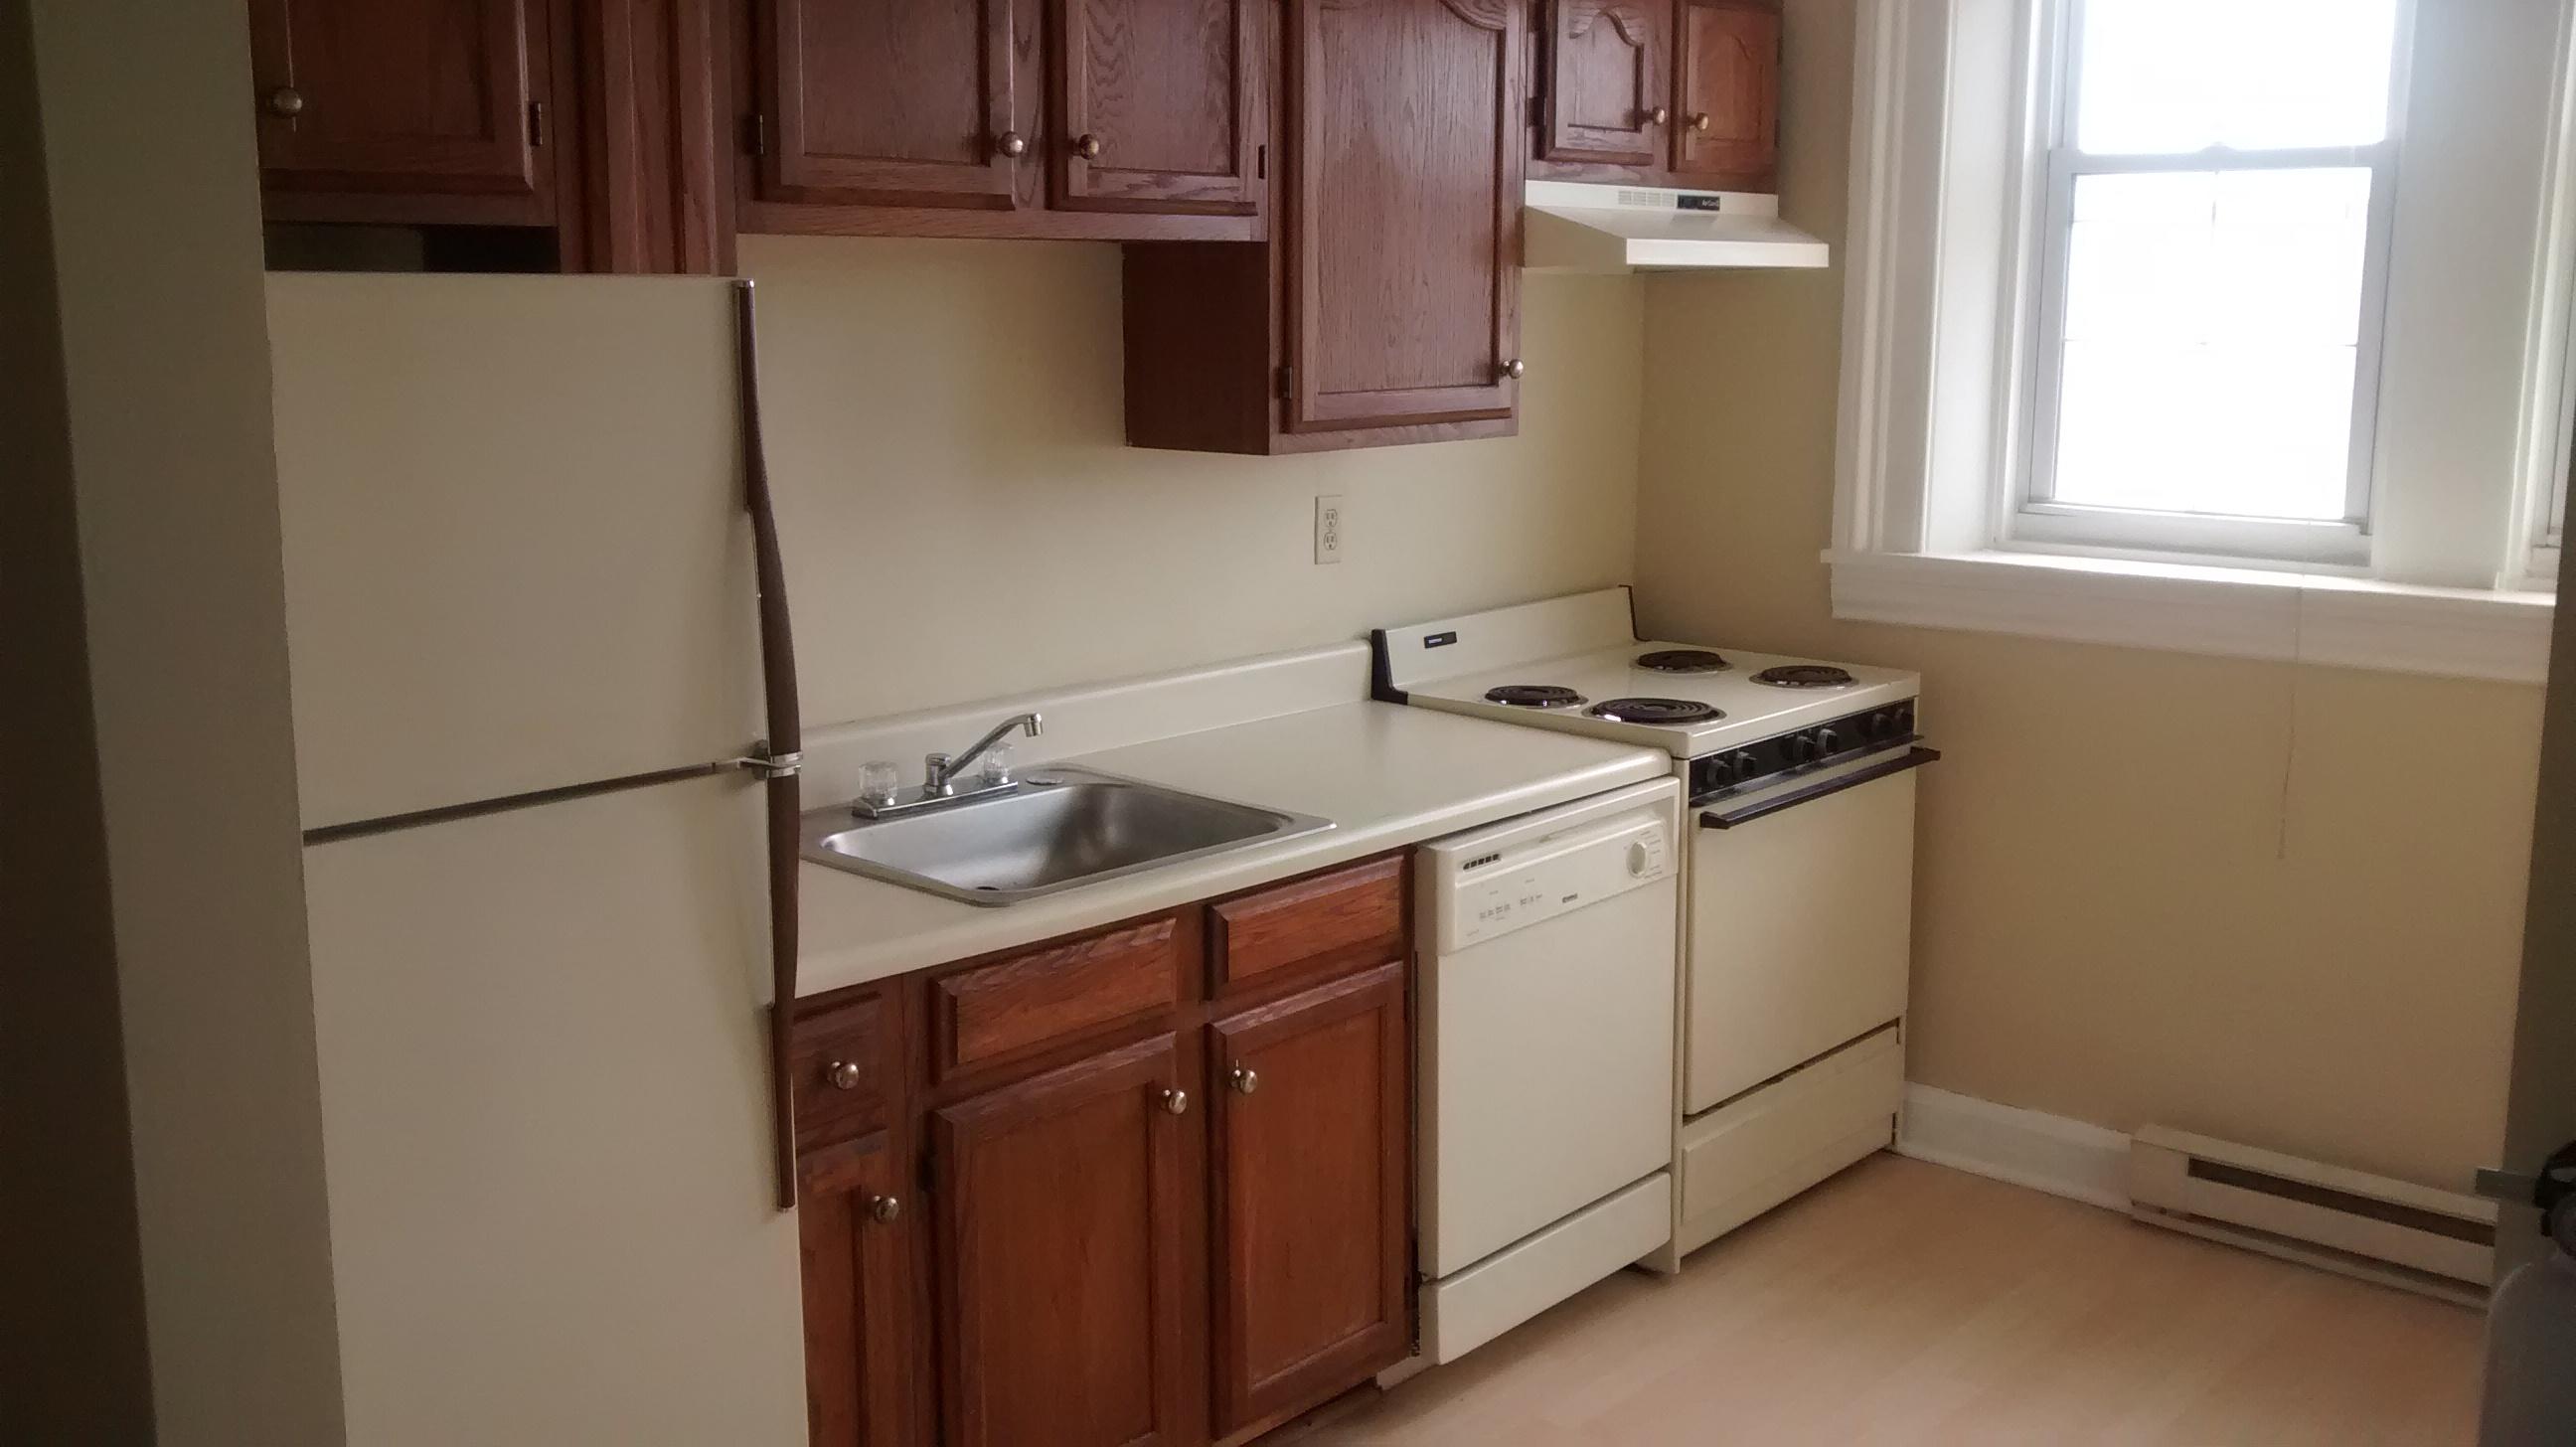 Apartment for Rent in Port Deposit